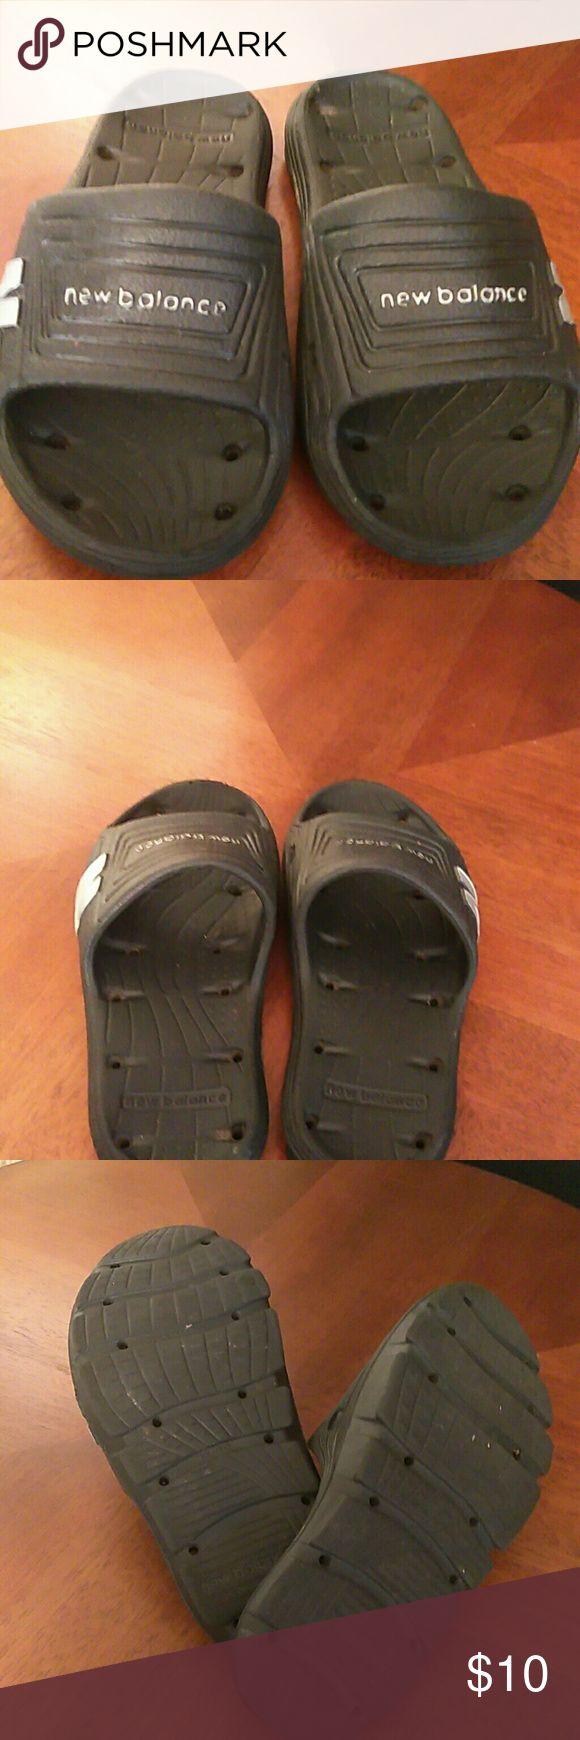 """""""New Balance""""   flip flops Black , rubber , slide on flip flops with gray logo. New Balance Shoes Sandals & Flip Flops"""